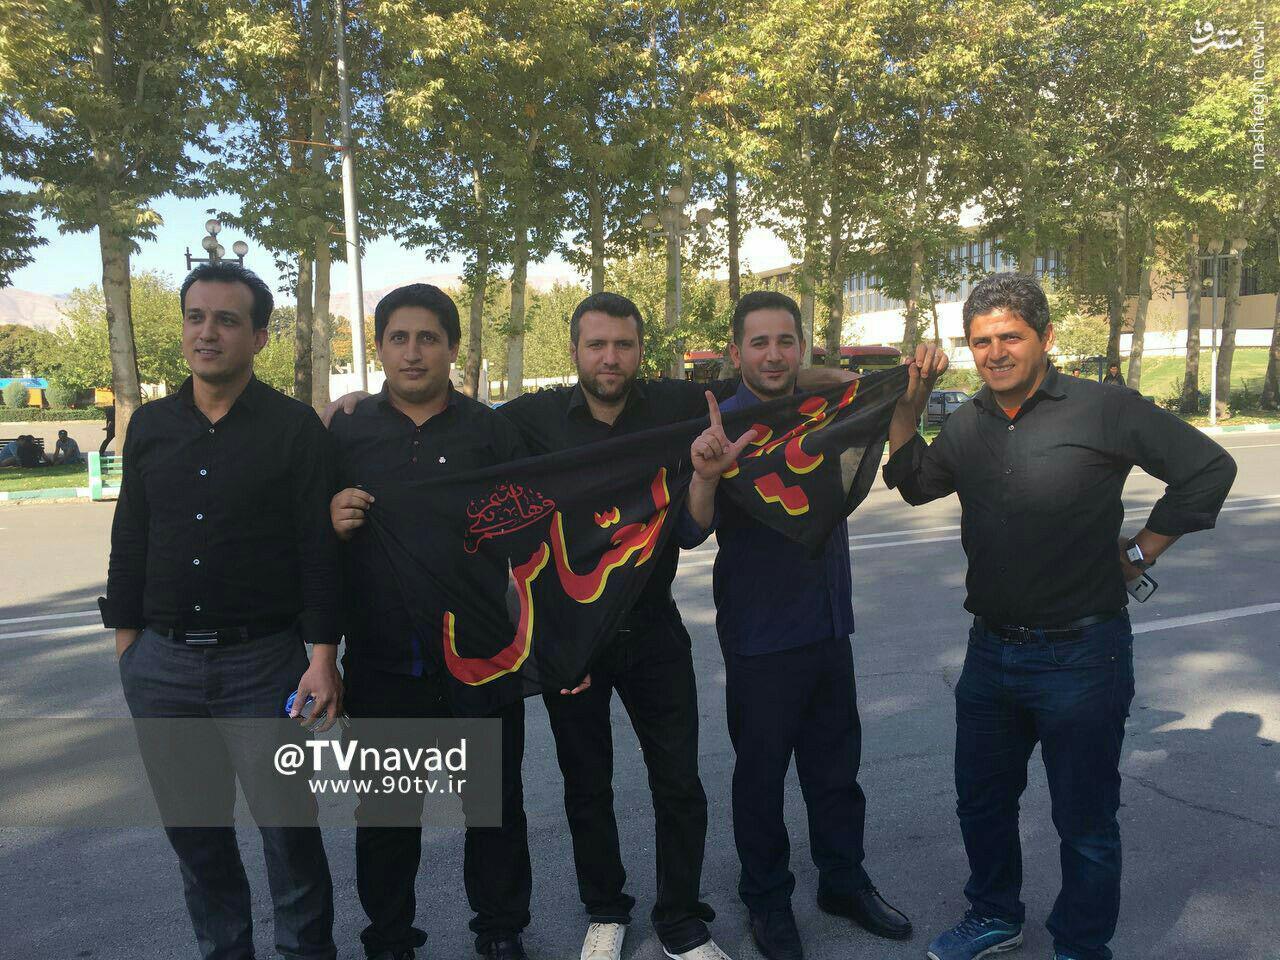 عکس/ هواداران مشکی پوش در ورزشگاه آزادی